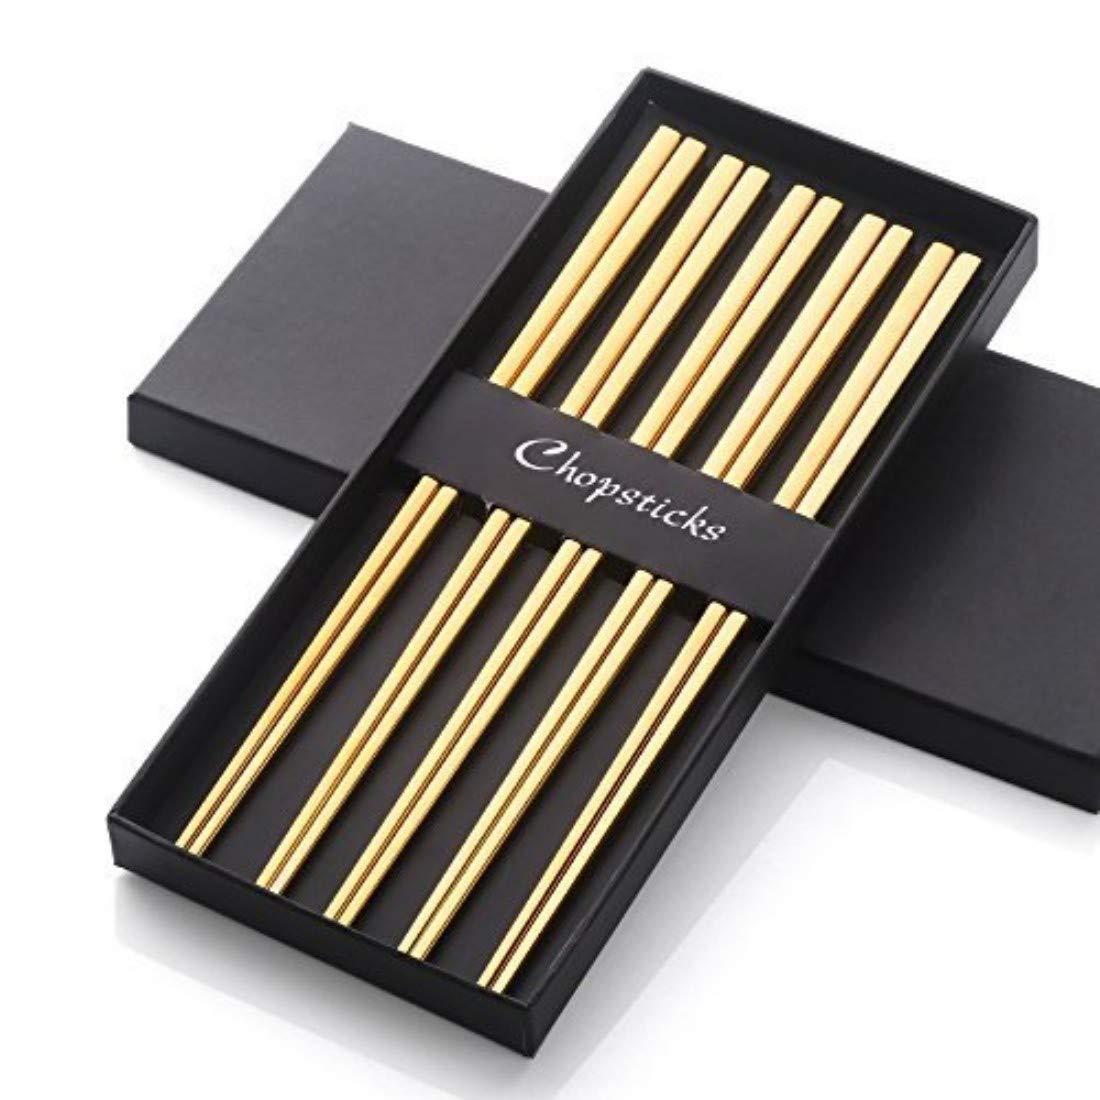 5 pares de palillos chinos de acero inoxidable reutilizables de metal 304 18/8 forma cuadrada hueca para juego de vajilla de sushi dorado